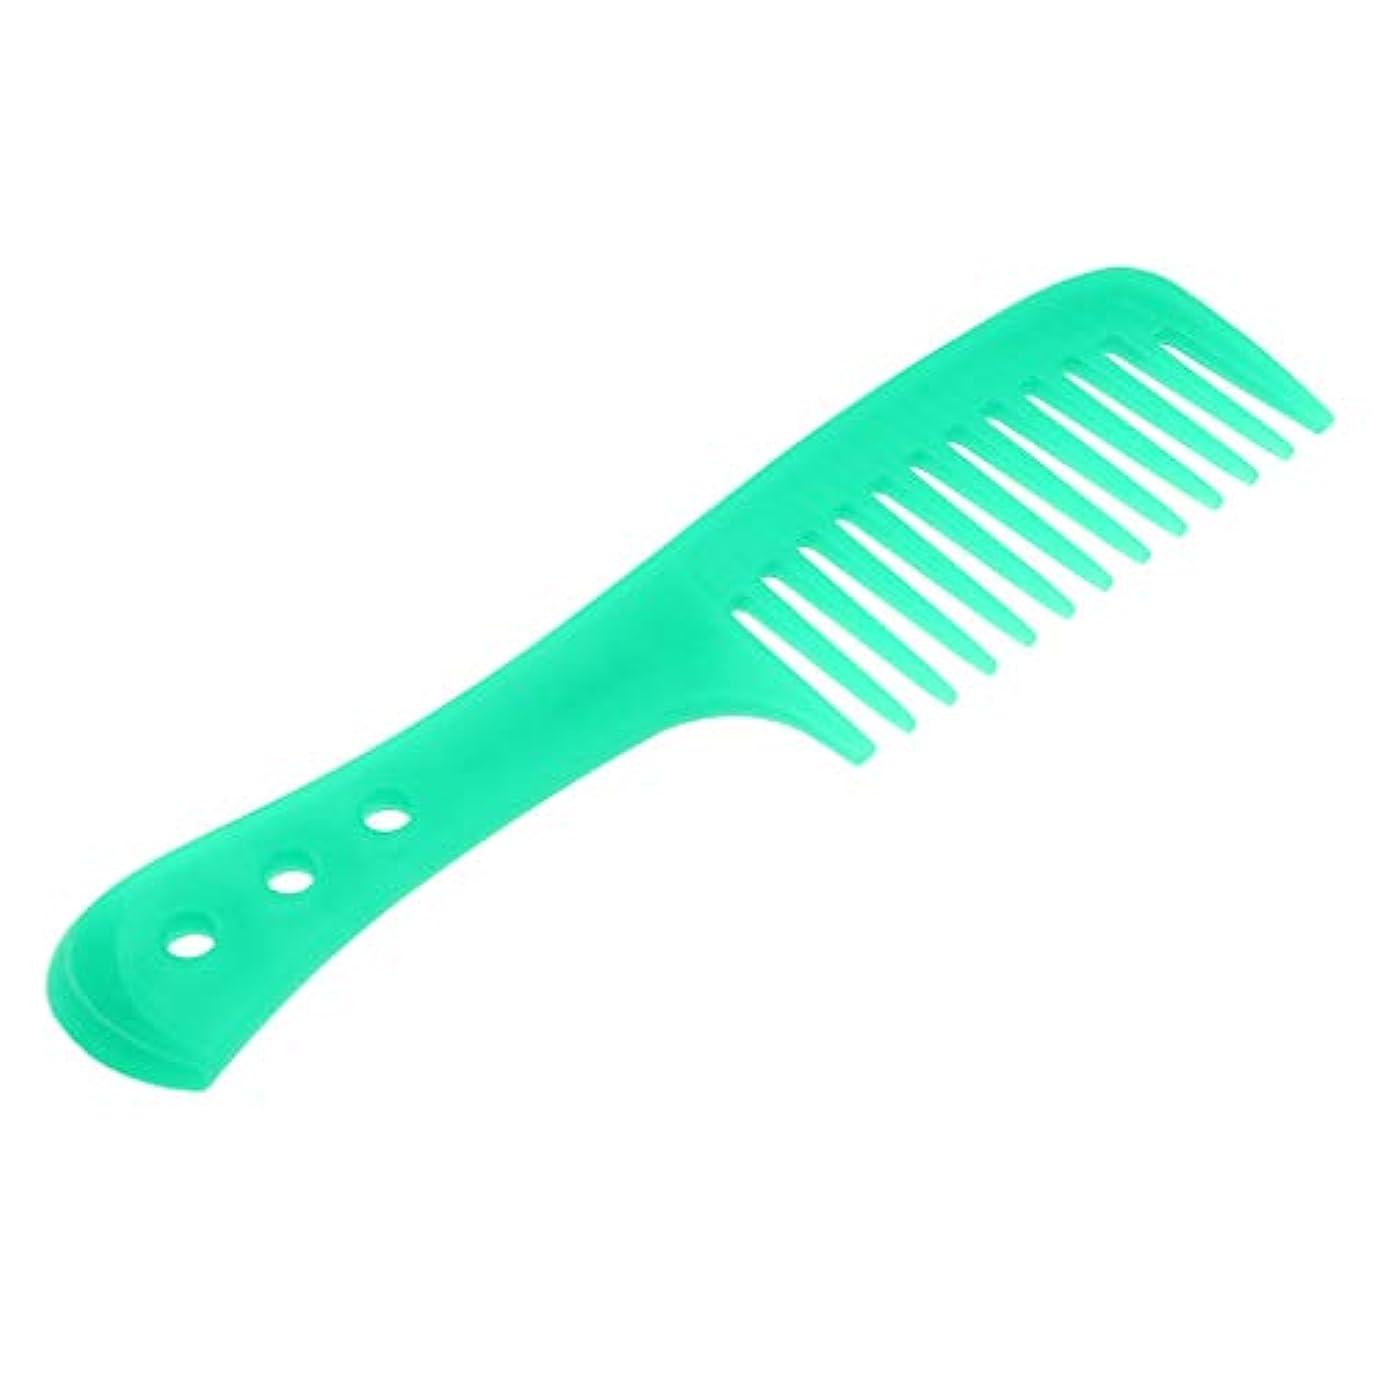 ダブルコンベンション結紮Injoyo 携帯用理髪の広い歯の櫛の巻き毛のDetanglerの頭皮のマッサージャーのブラシ - 緑